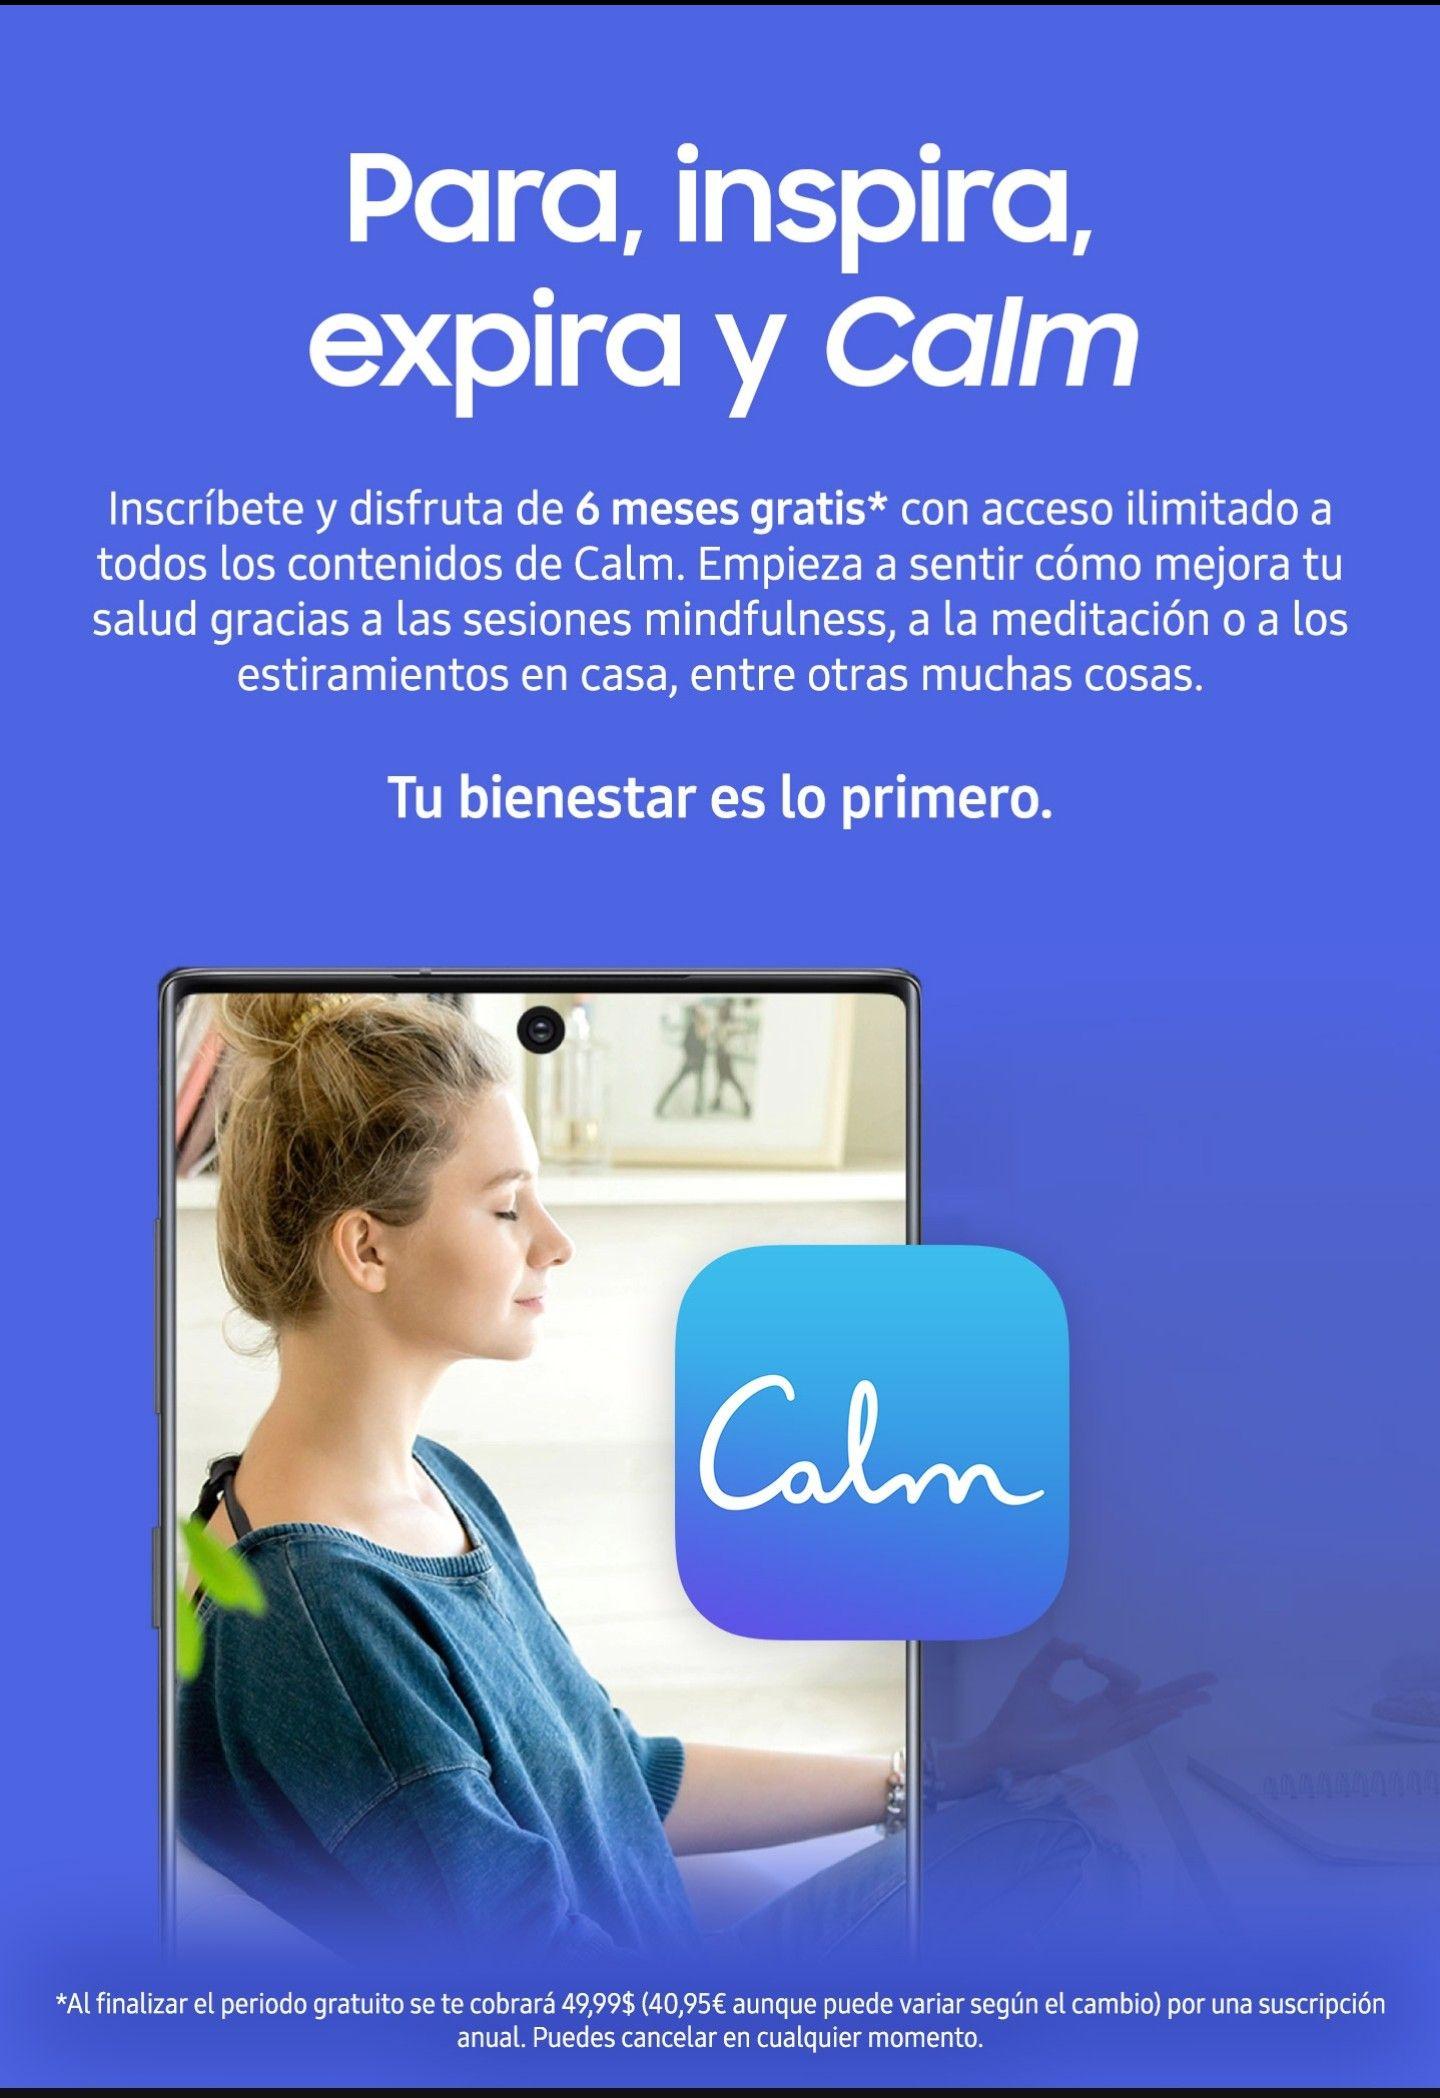 6 meses de Calm con Samsung Health (dispositivos Samsung)